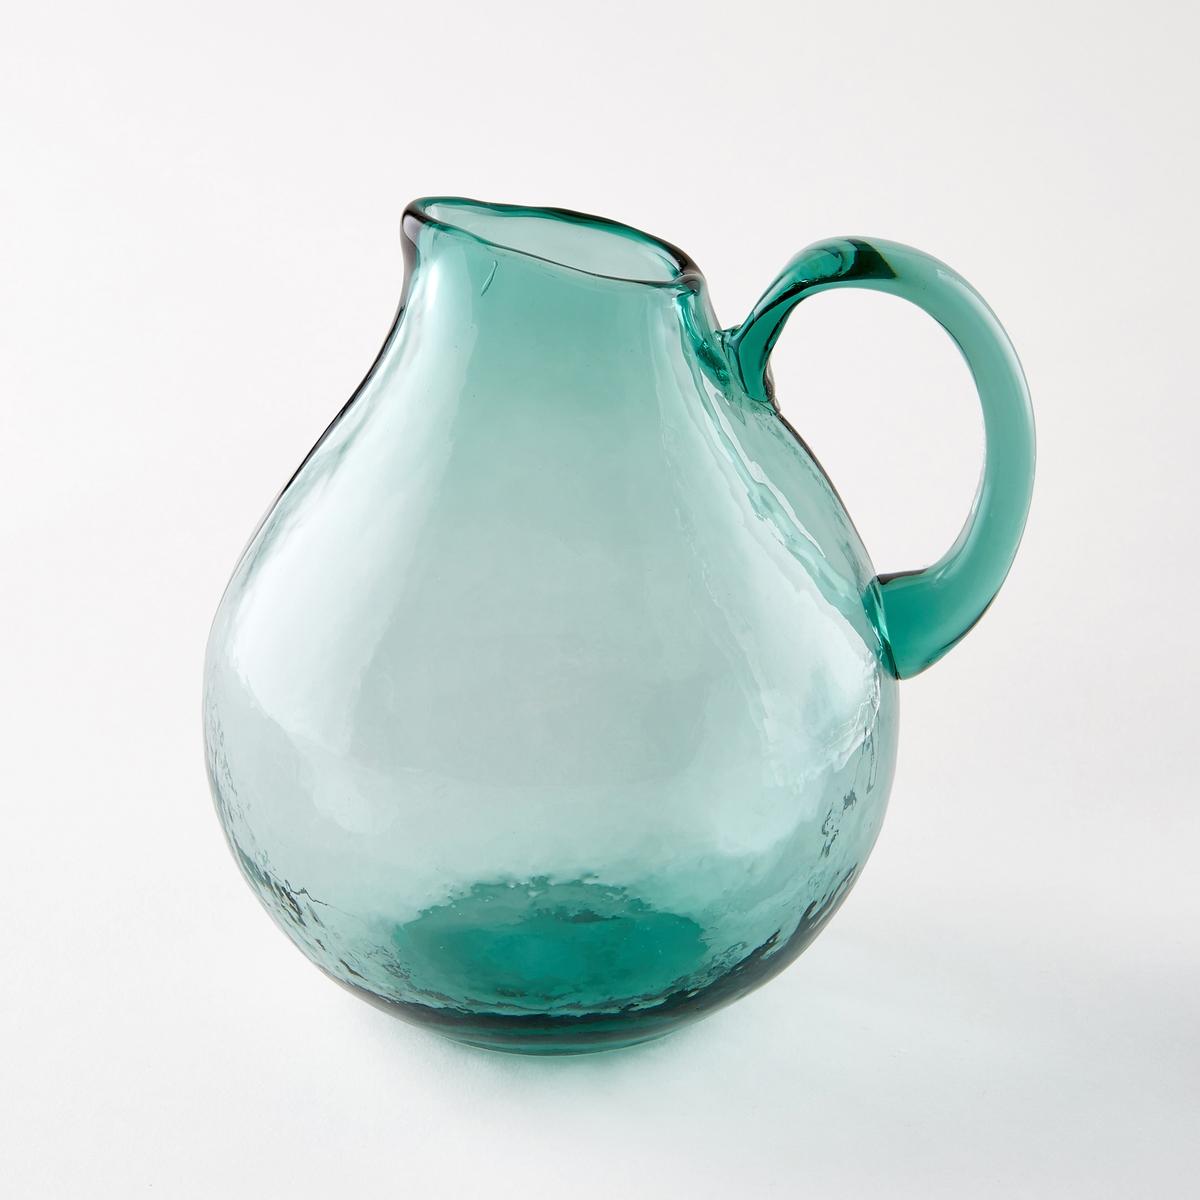 Графин из дутого стекла GalindoГрафин Galindo. Из дутого стекла. Каждое изделие уникально . Подходит для мытья в посудомоечной машине. Размеры  : диаметр 15 x высота 18 см. Объем 1,5 л.<br><br>Цвет: бирюзовый